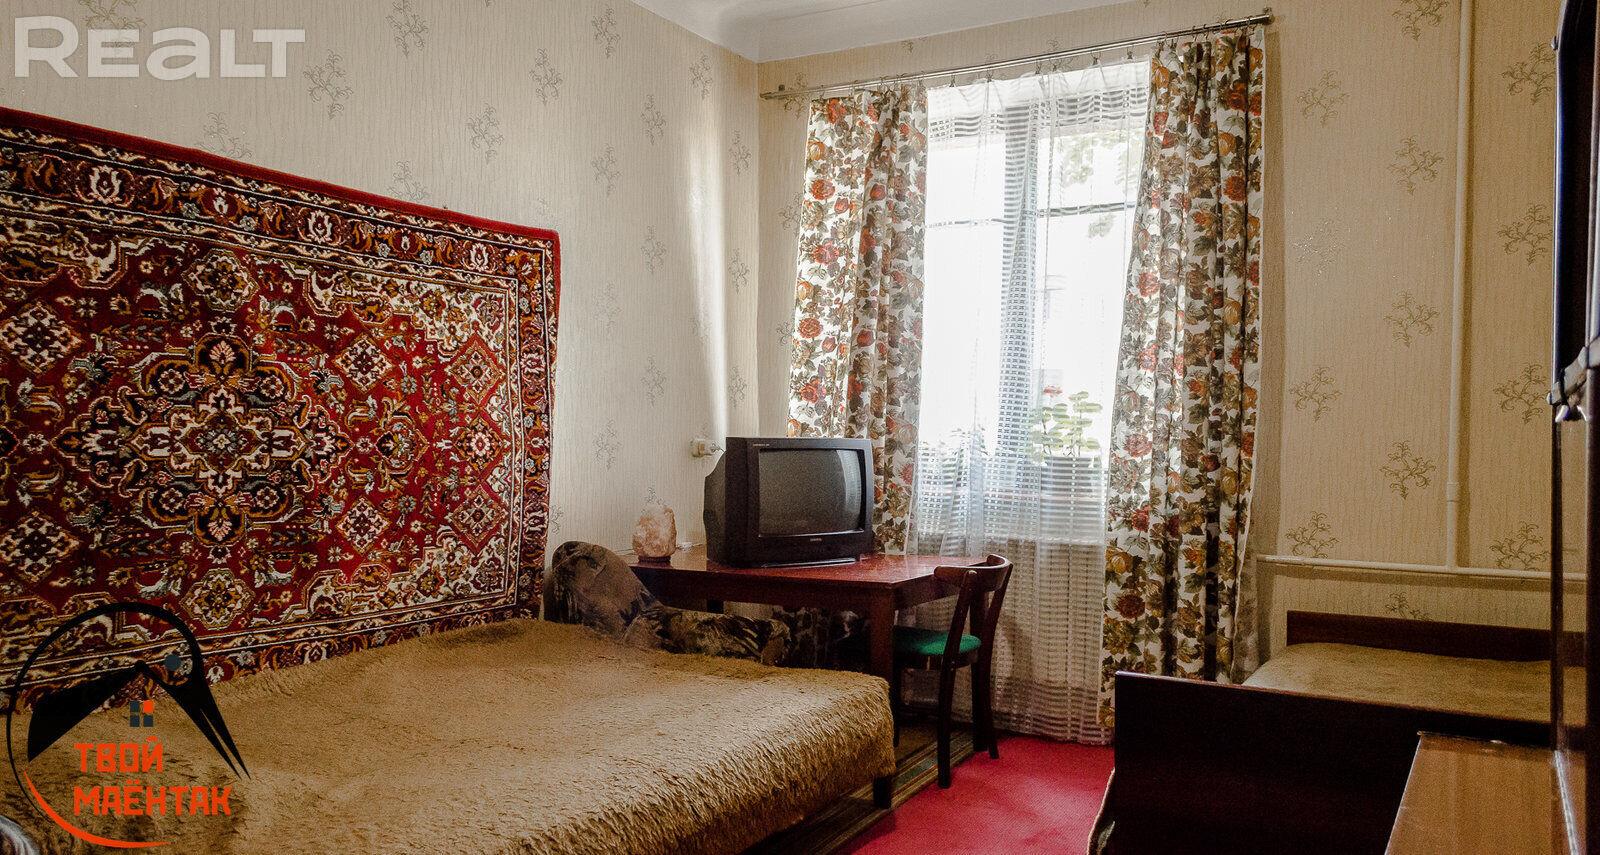 Продажа доли (комнаты в 3 квартире) г. Минск, ул. Рыбалко, 2